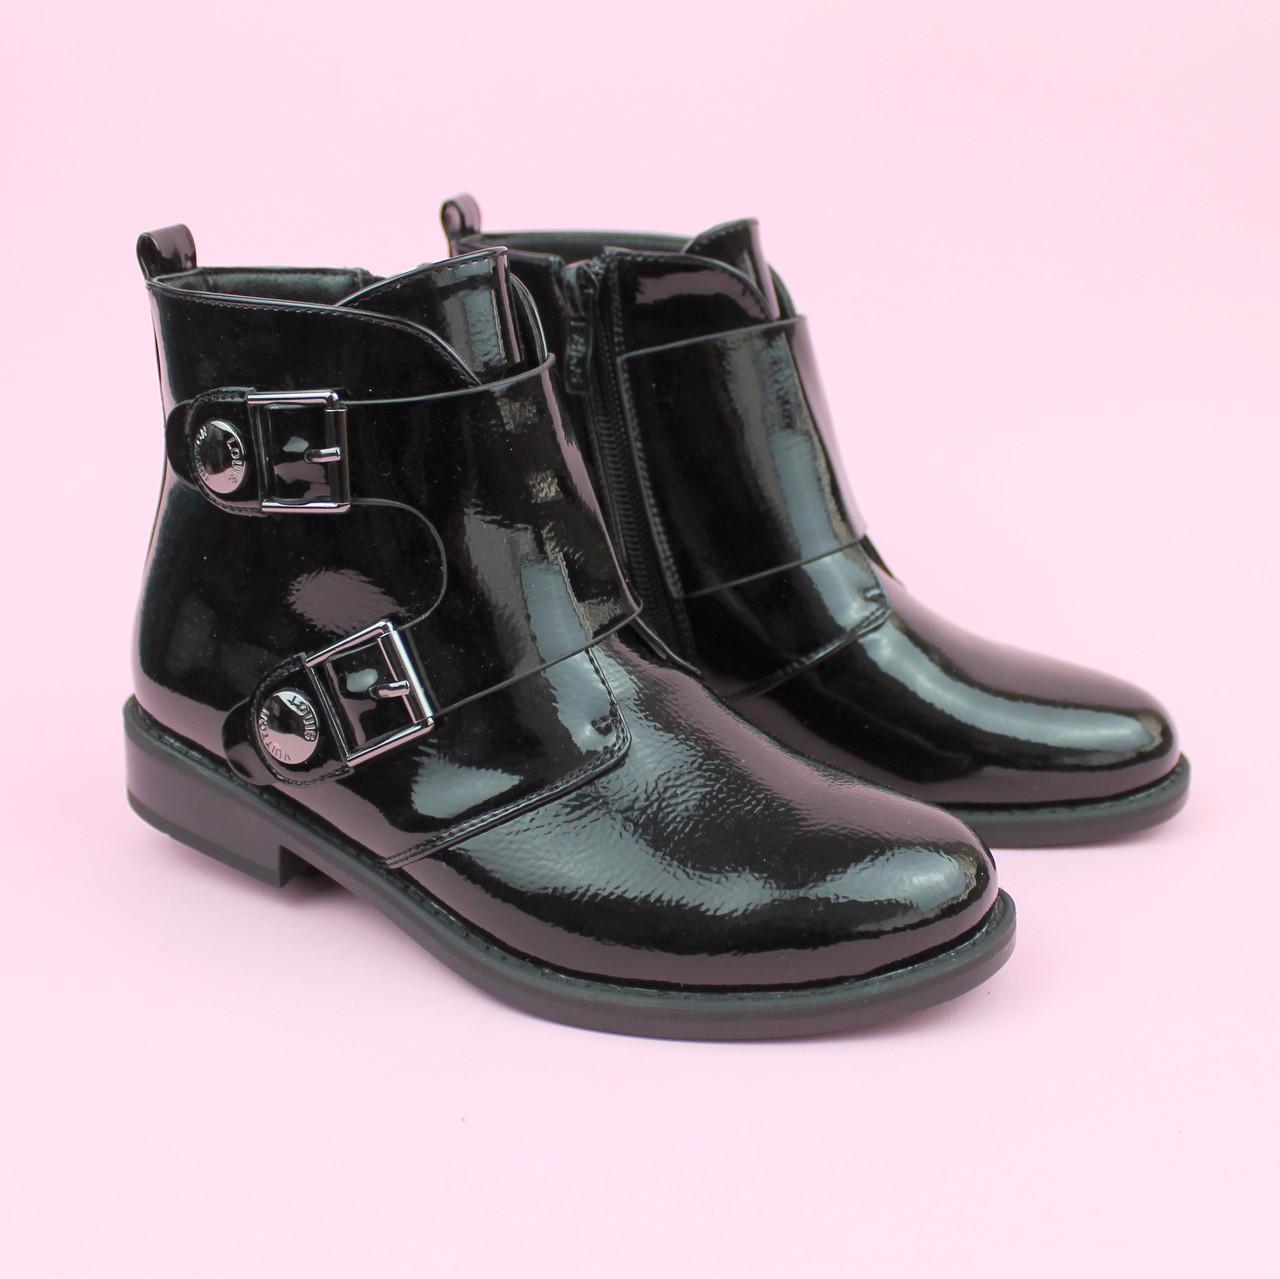 Ботинки демисезонные для девочки лаковые черные тм Bi&Ki размер 37,38